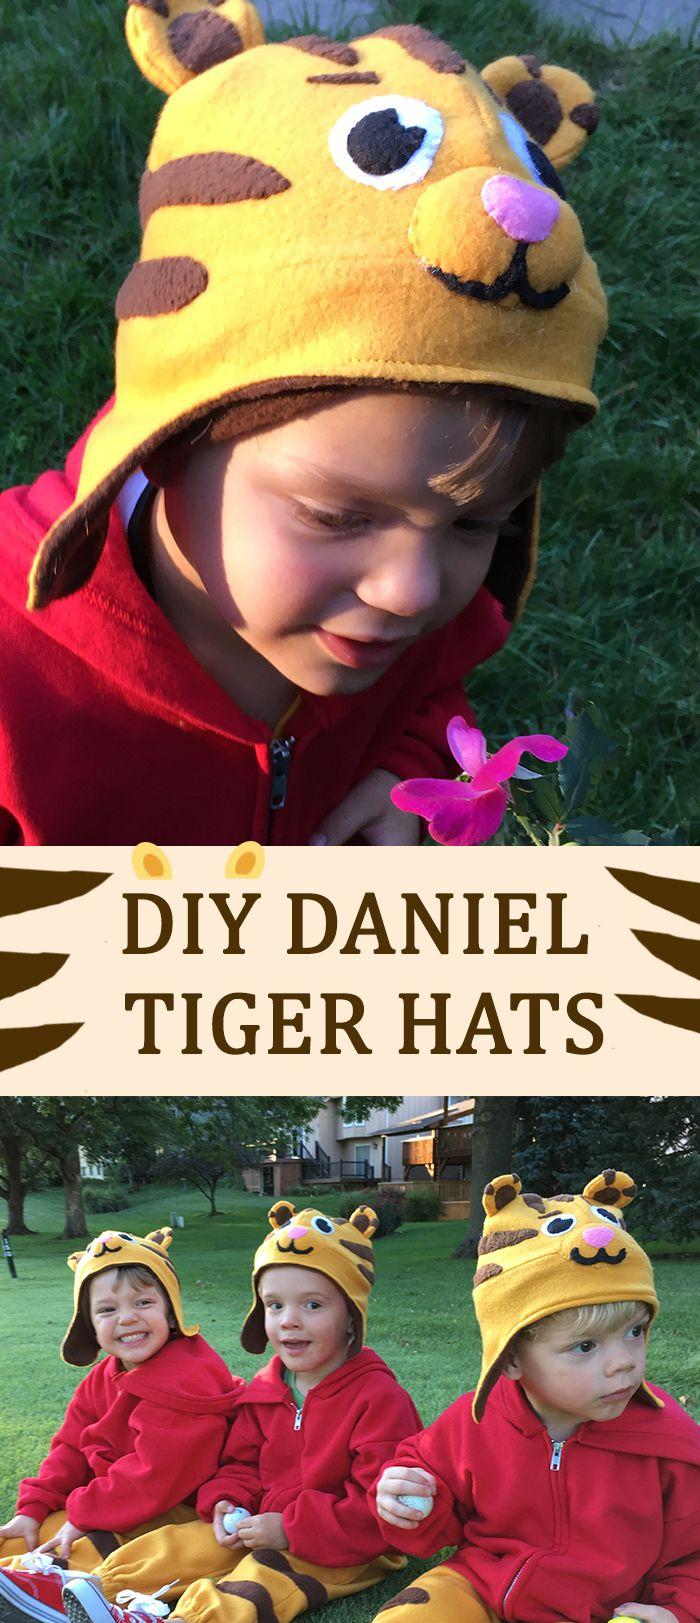 69554d542a7f9 How to Make a Fleece Daniel Tiger Hat